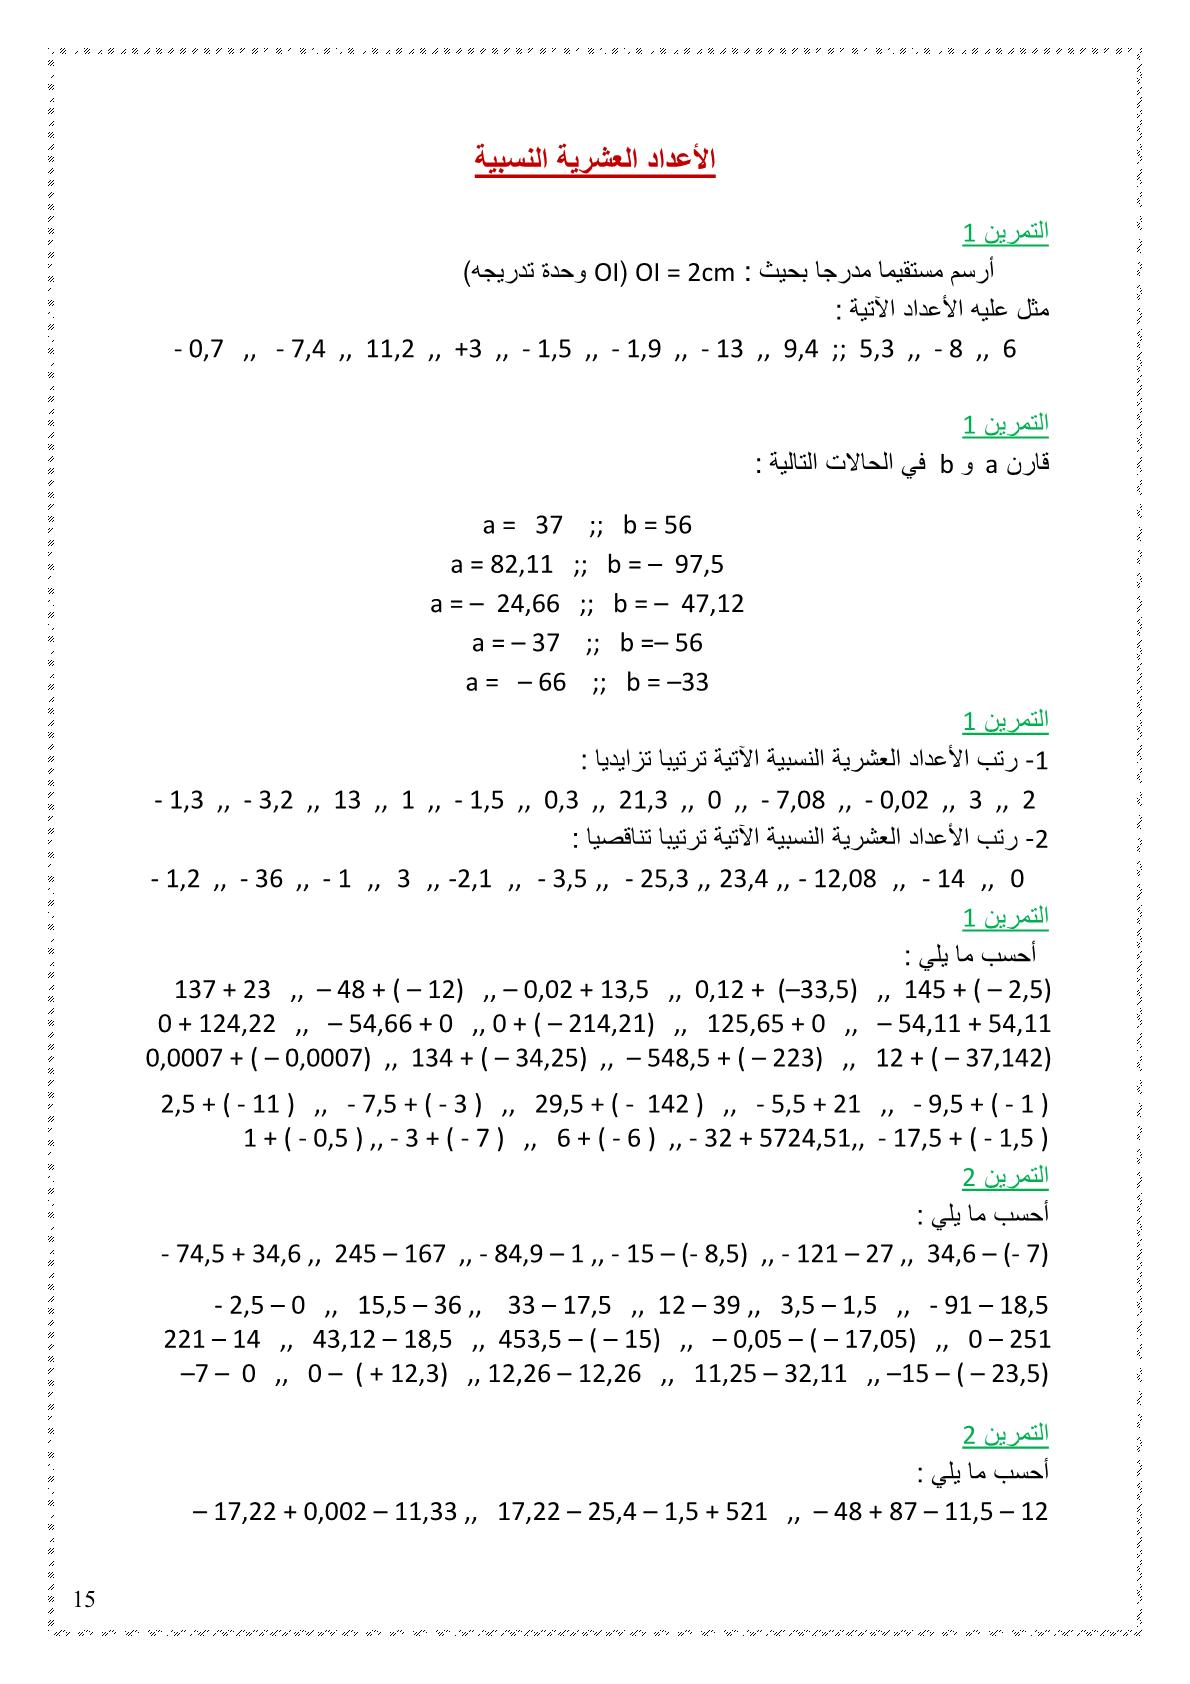 تمارين الأعداد العشرية النسبية مادة الرياضيات الاولى اعدادي